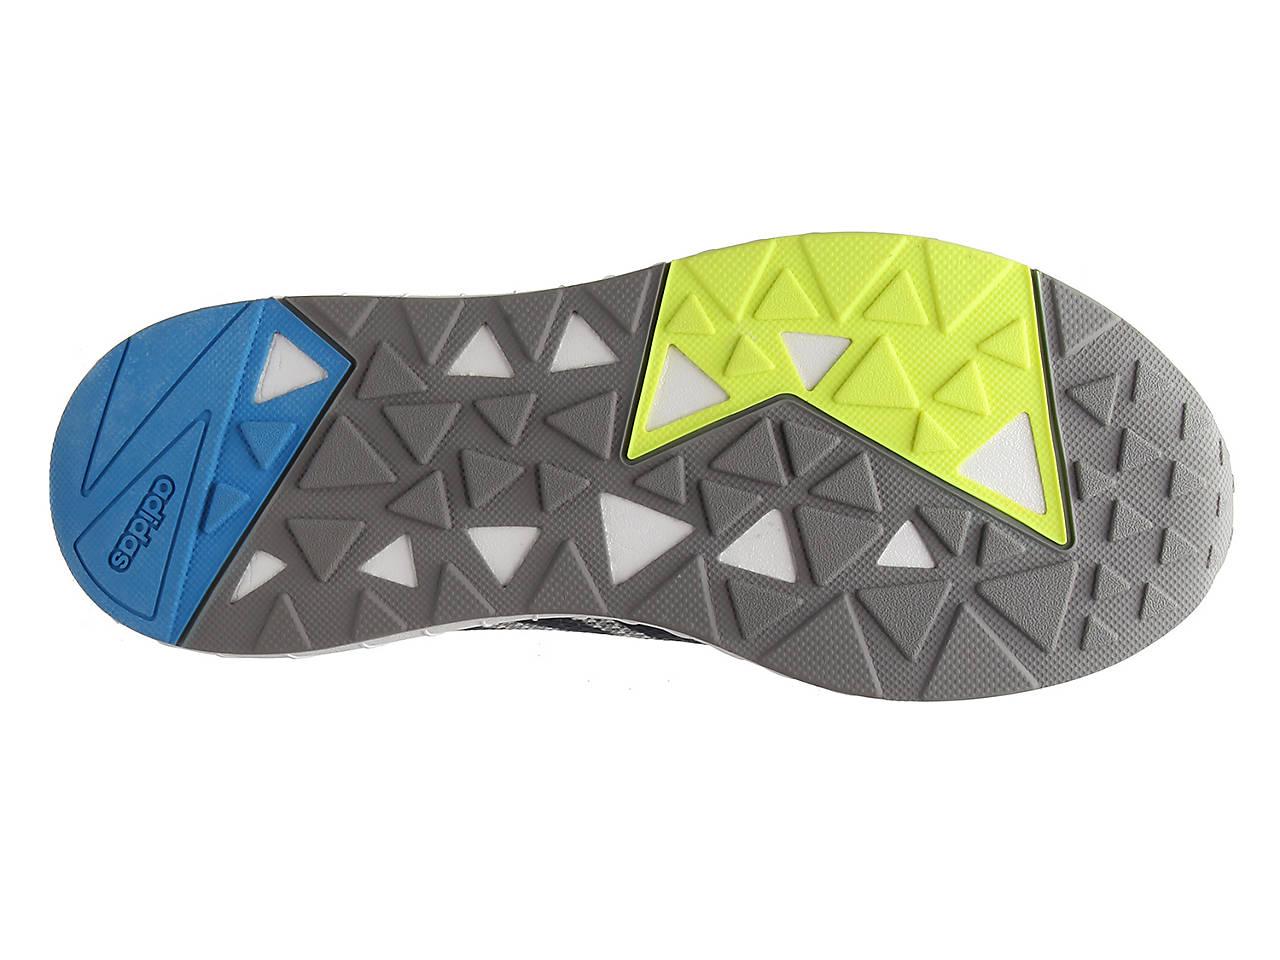 adidas Questar BYD Sneaker Men's Men's Shoes | DSW